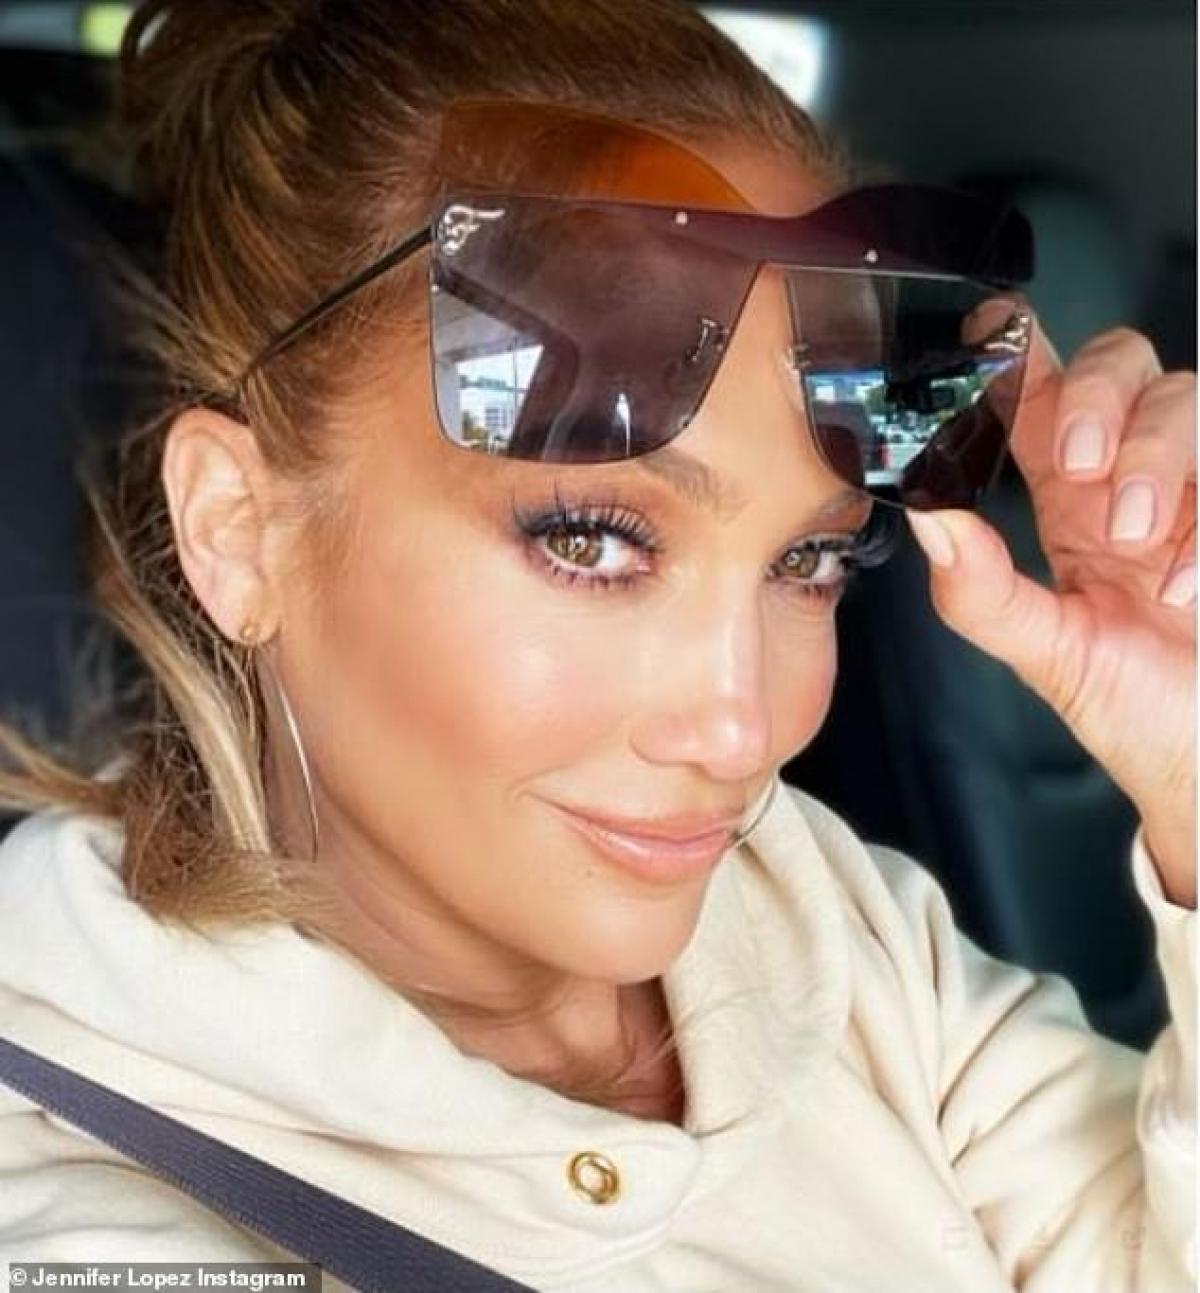 Jennifer Lopez cho biết, cô thực hiện chế độ ăn uống khoa học và tập thể thao nghiêm ngặt để giữ dáng.